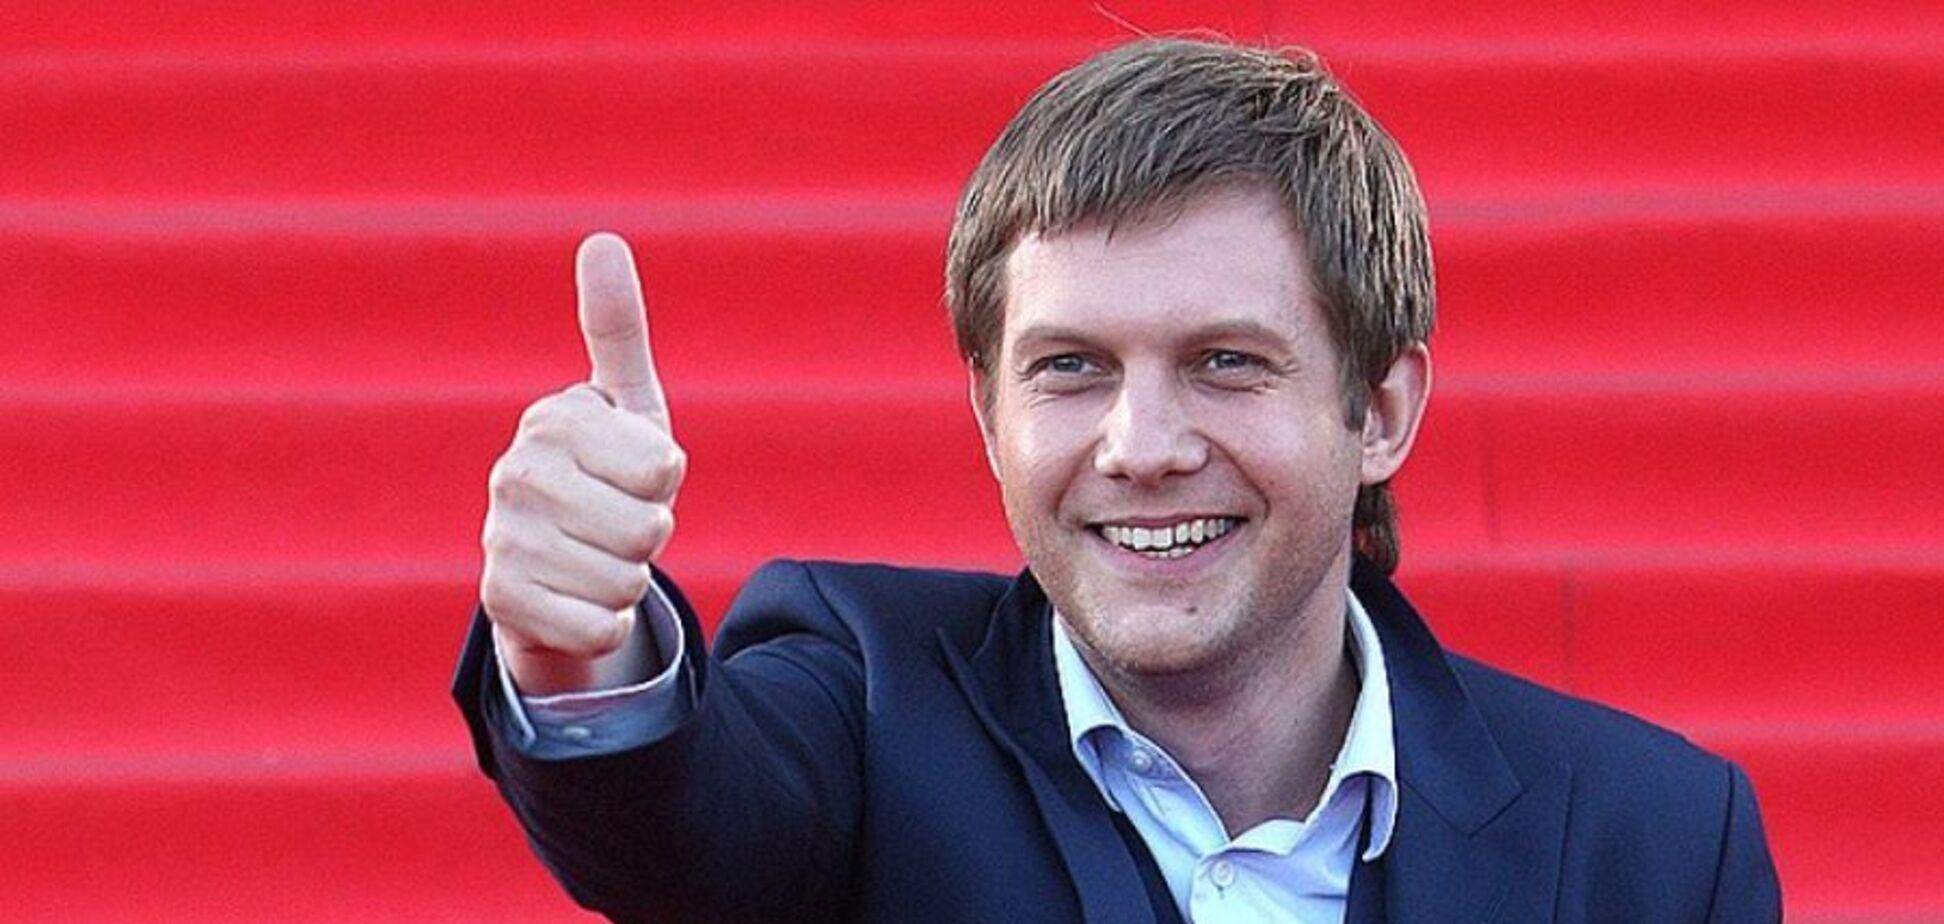 'Тот Киев снова возвращается!' Пропагандист Корчевников высказался о поездке в Украину